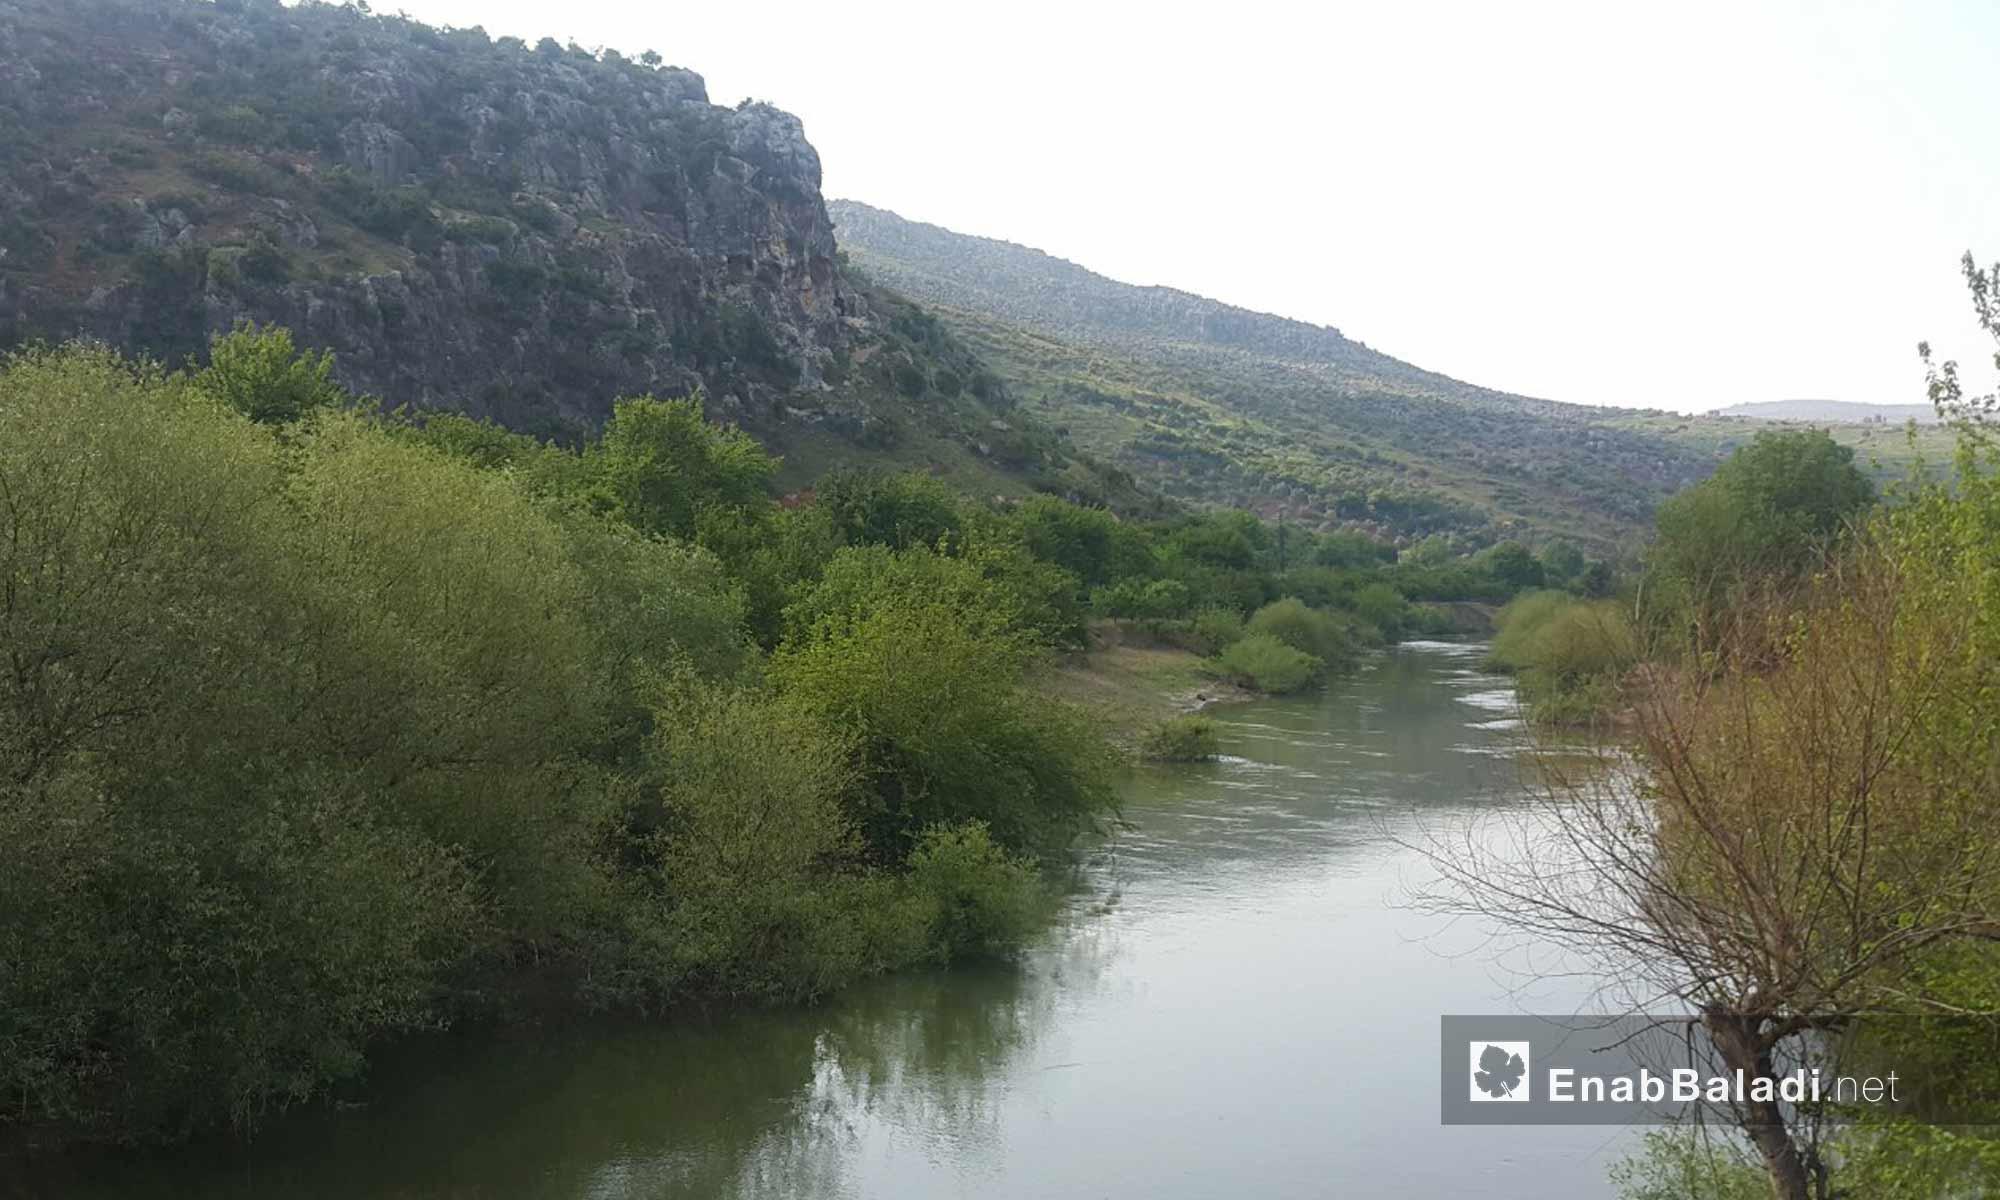 نهر العاصي في منطقة دركوش بجسر الشغور - 16 نيسان 2017 (عنب بلدي)